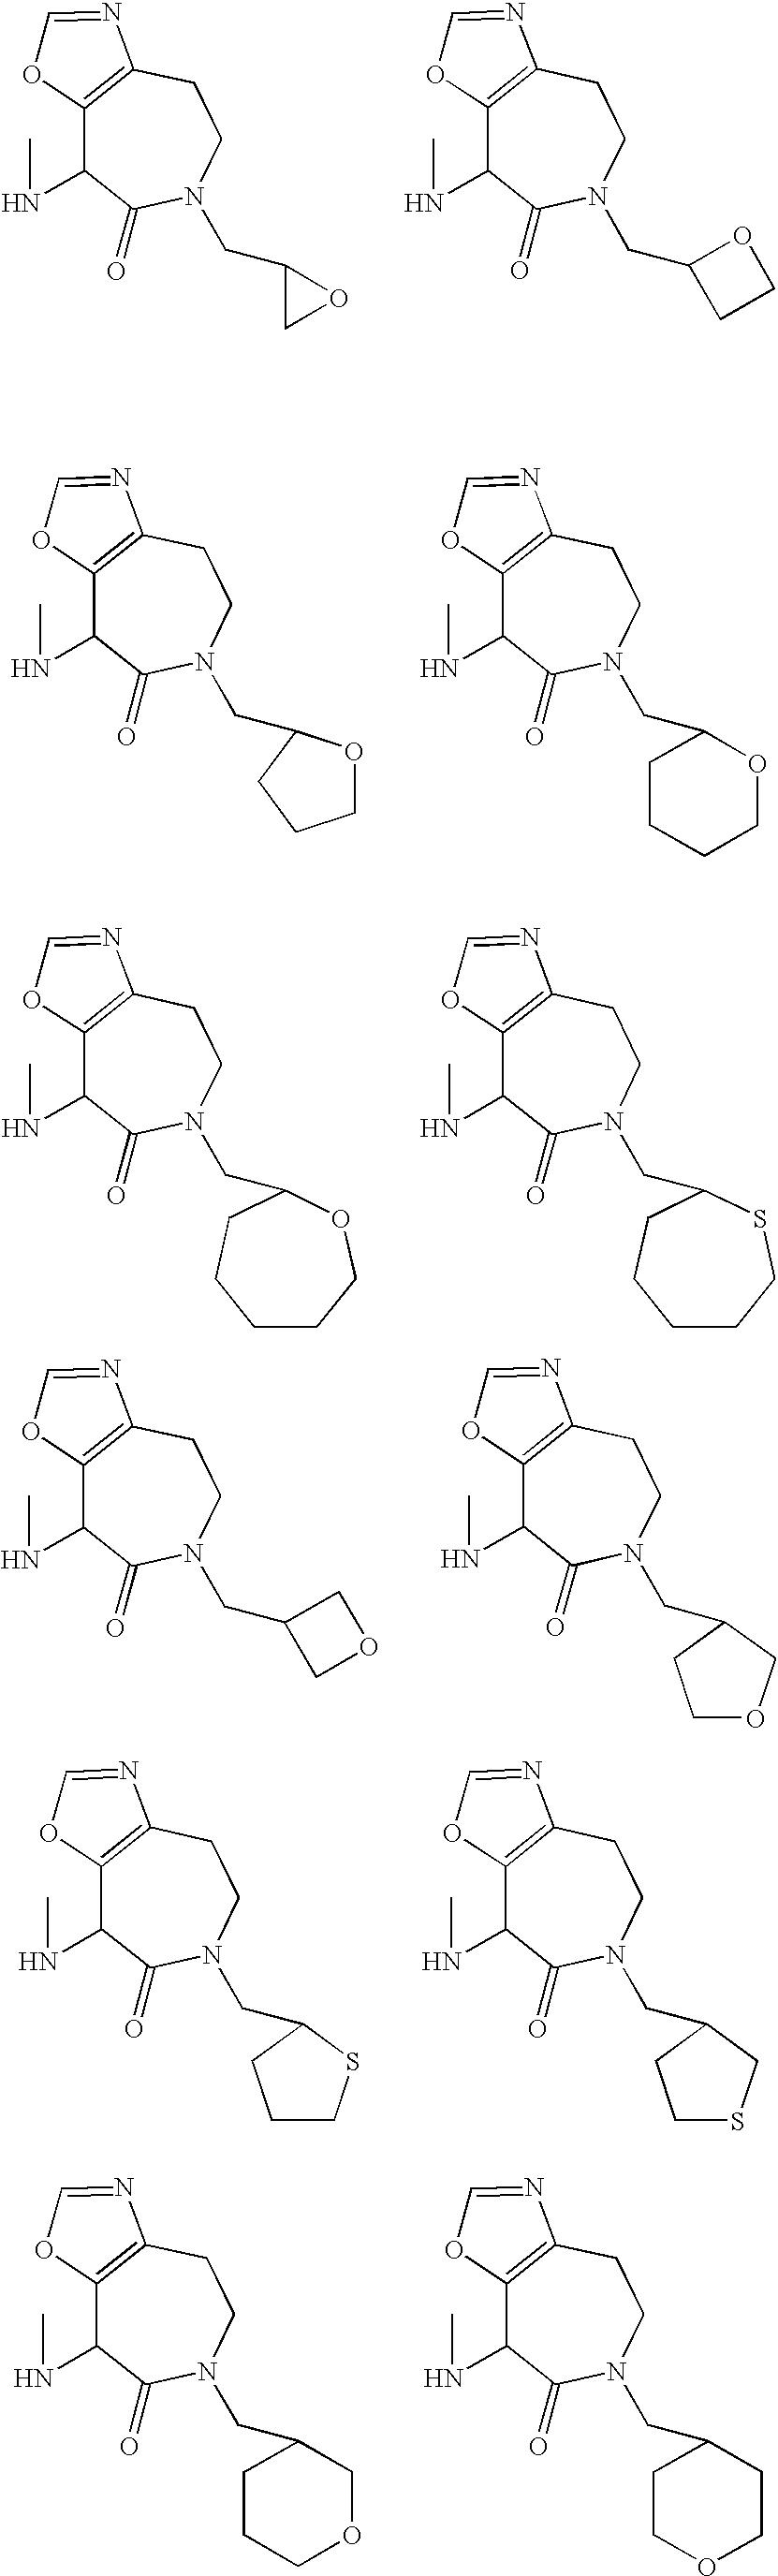 Figure US06509331-20030121-C00072